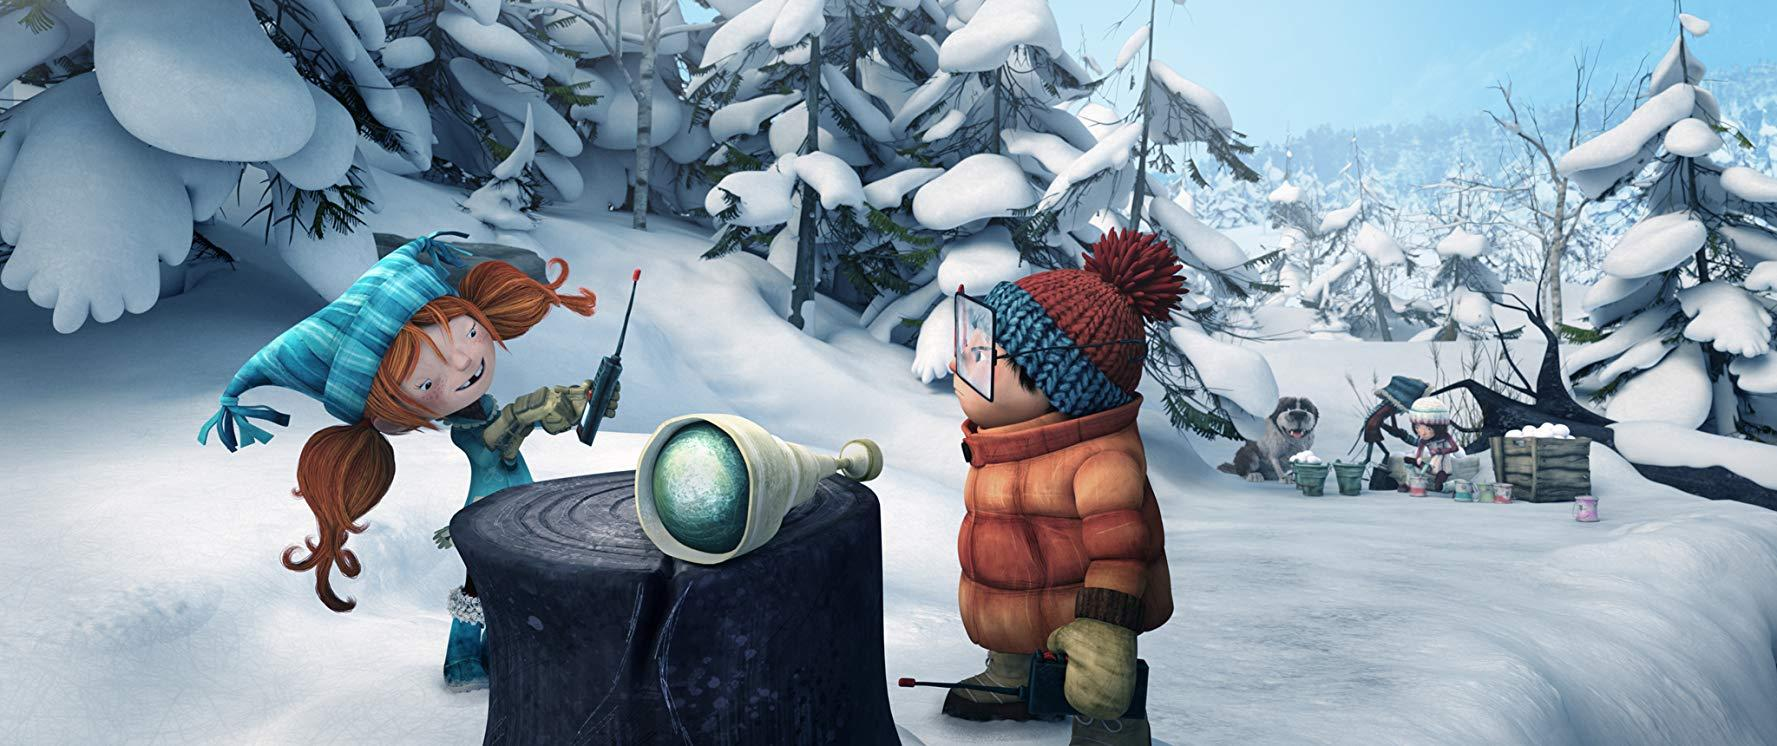 فيلم Snowtime 2015 مترجم